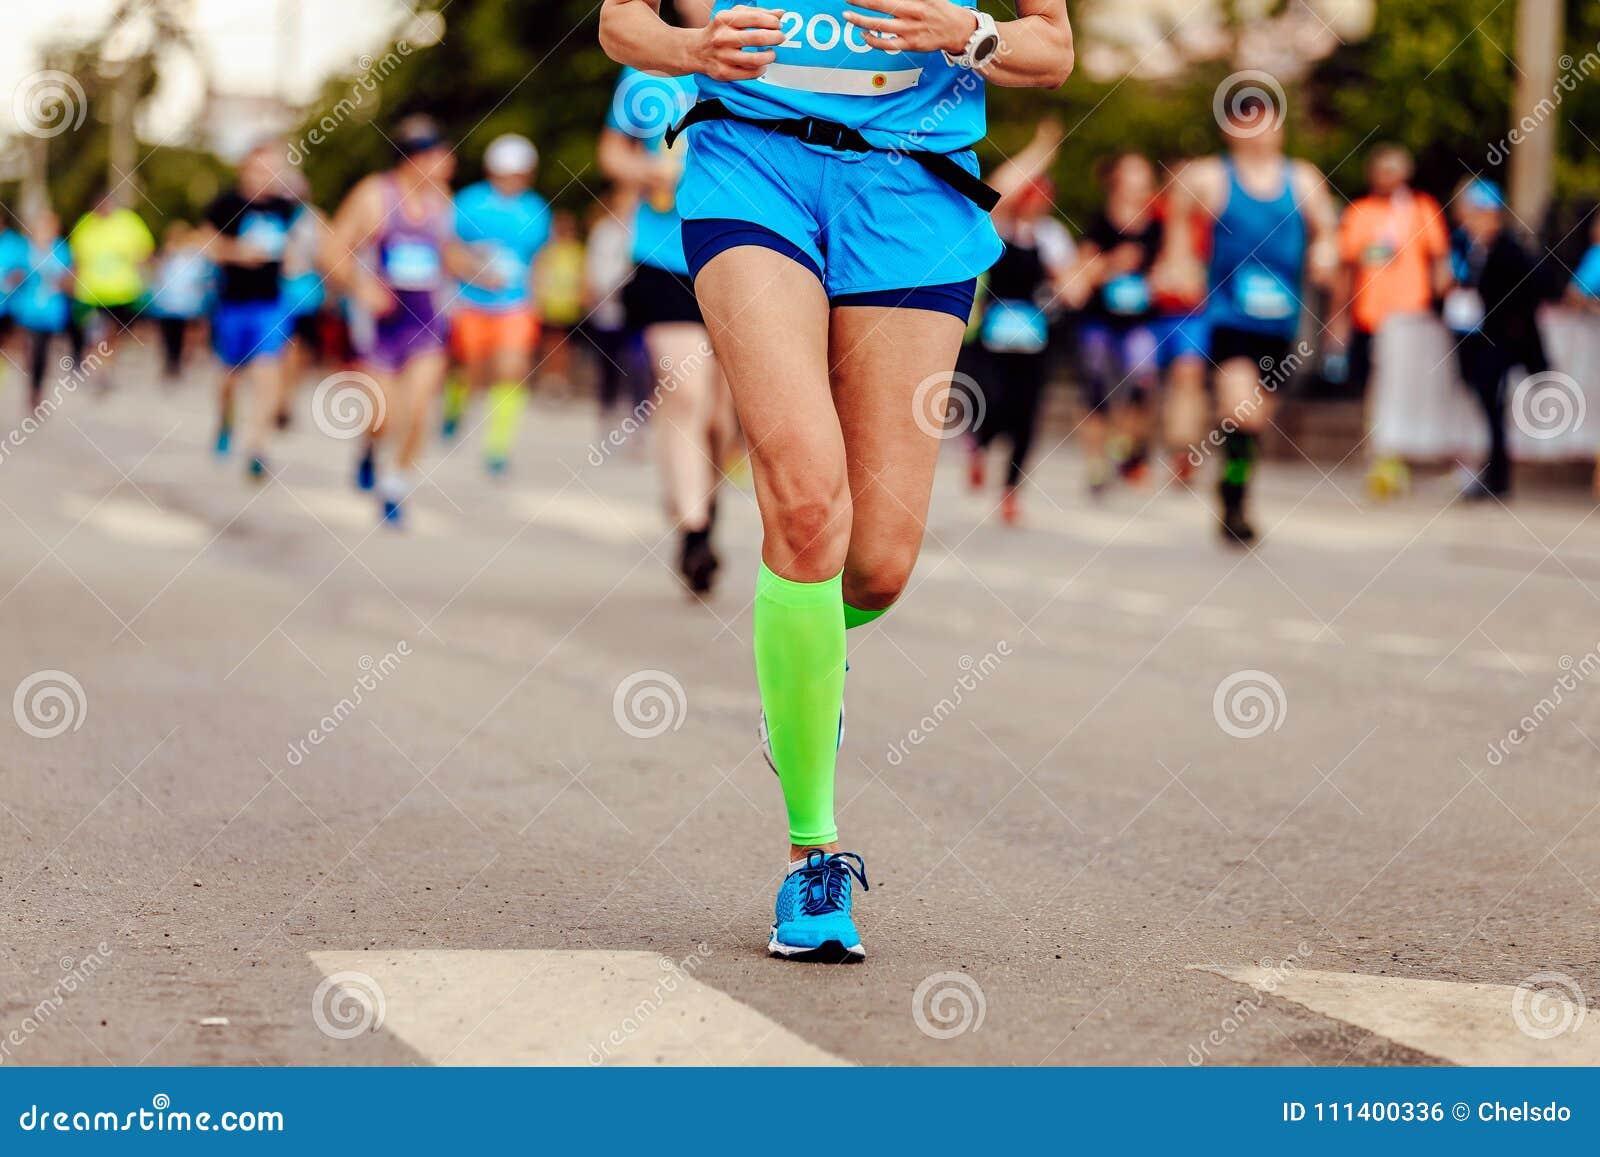 女性赛跑者运动员